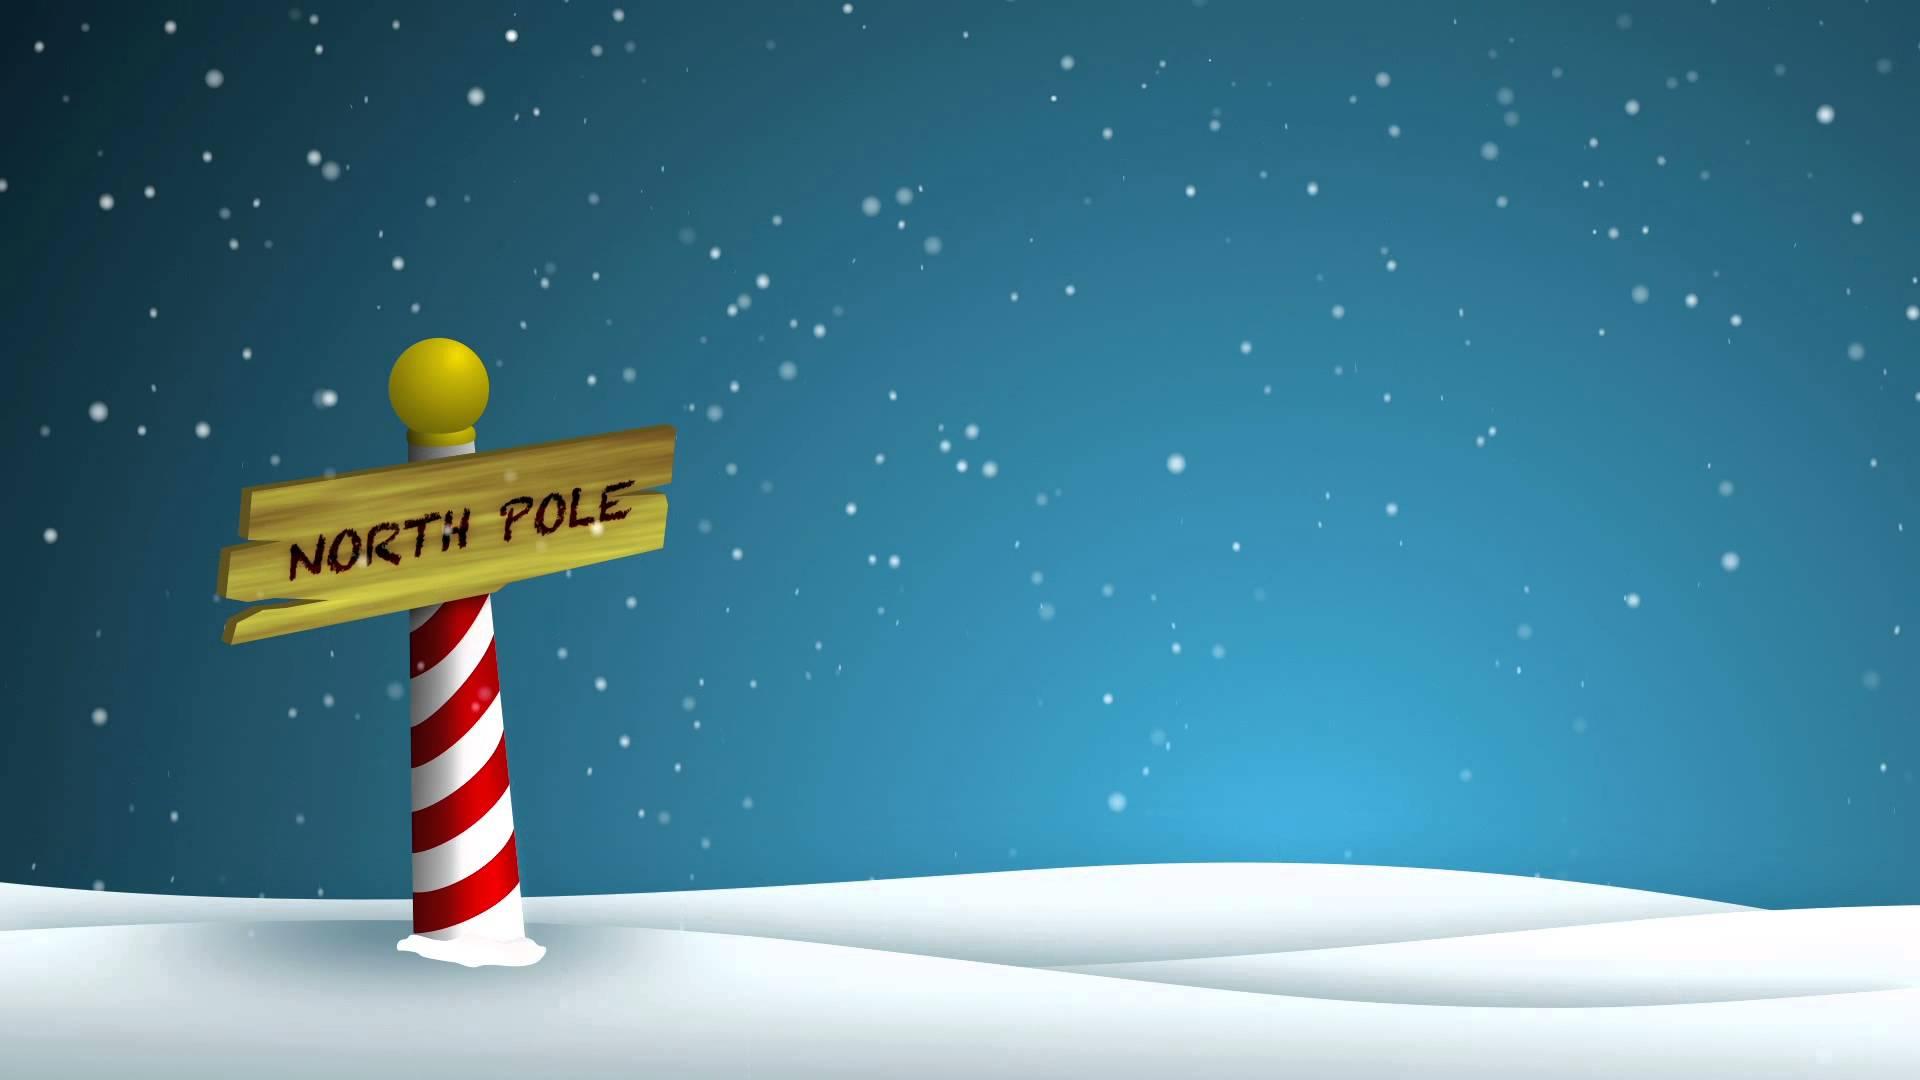 North Pole Christmas Wallpapers   Top North Pole Christmas 1920x1080